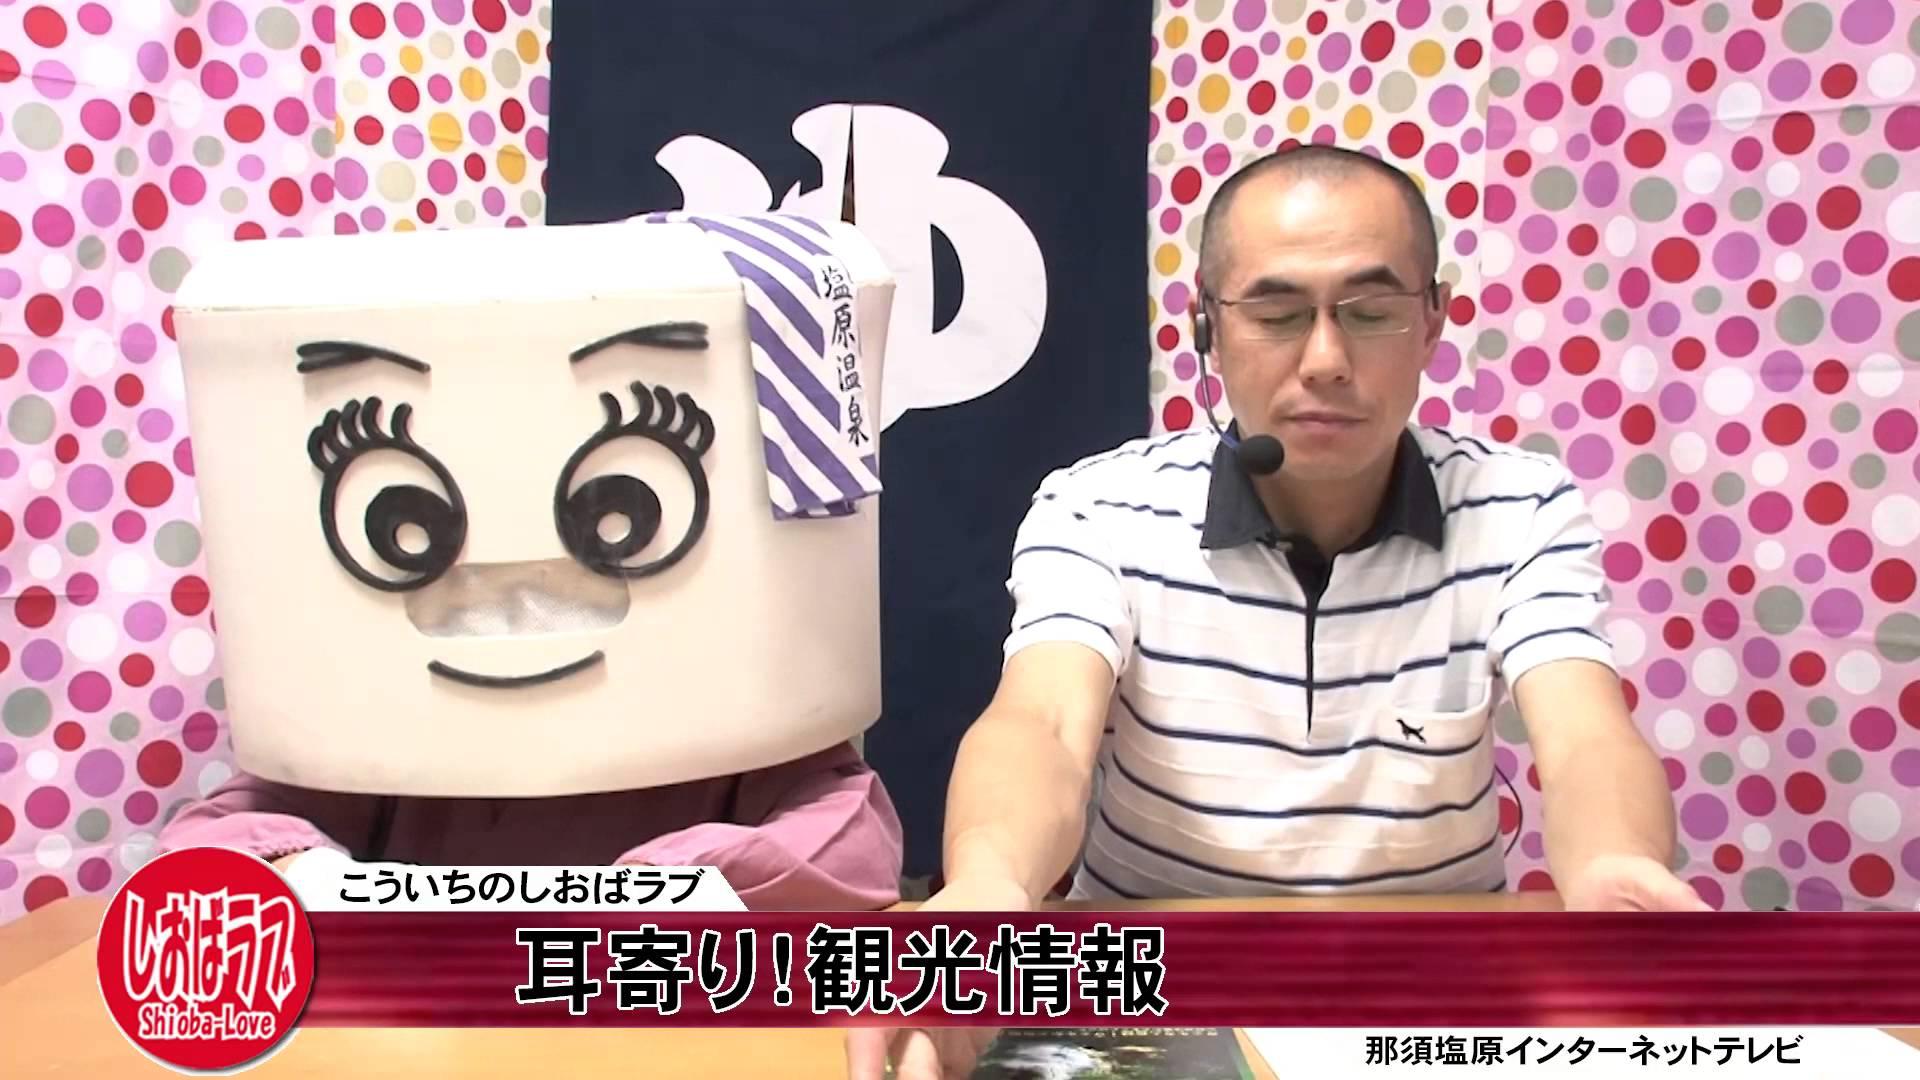 こういちのしおばラブ(塩原+LOVE)第184回